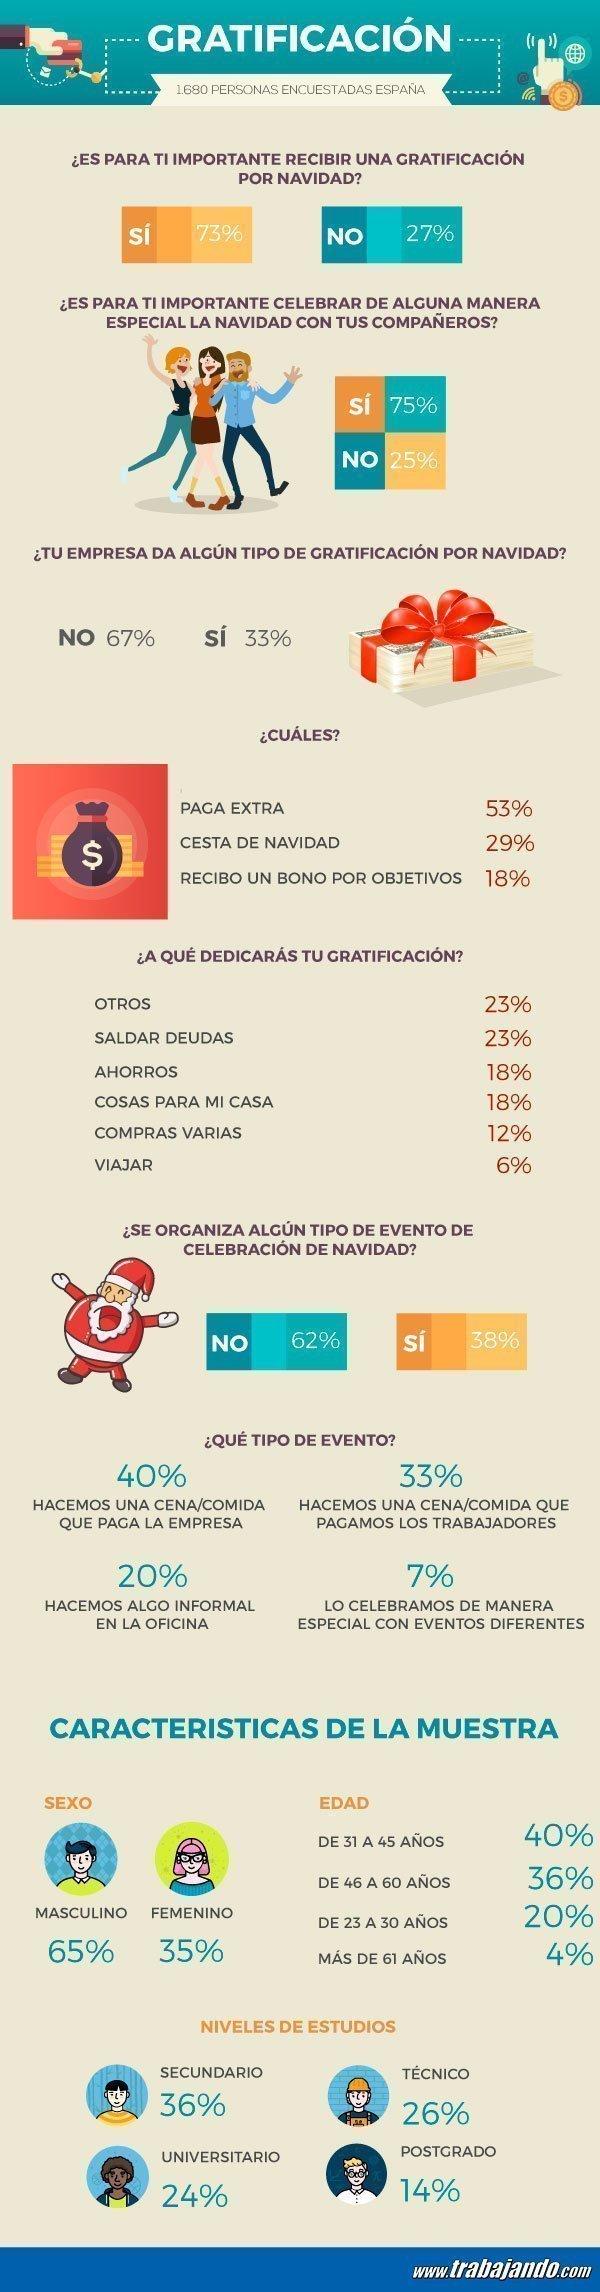 Infografía_Gratificacion Navidad 2017 (1)